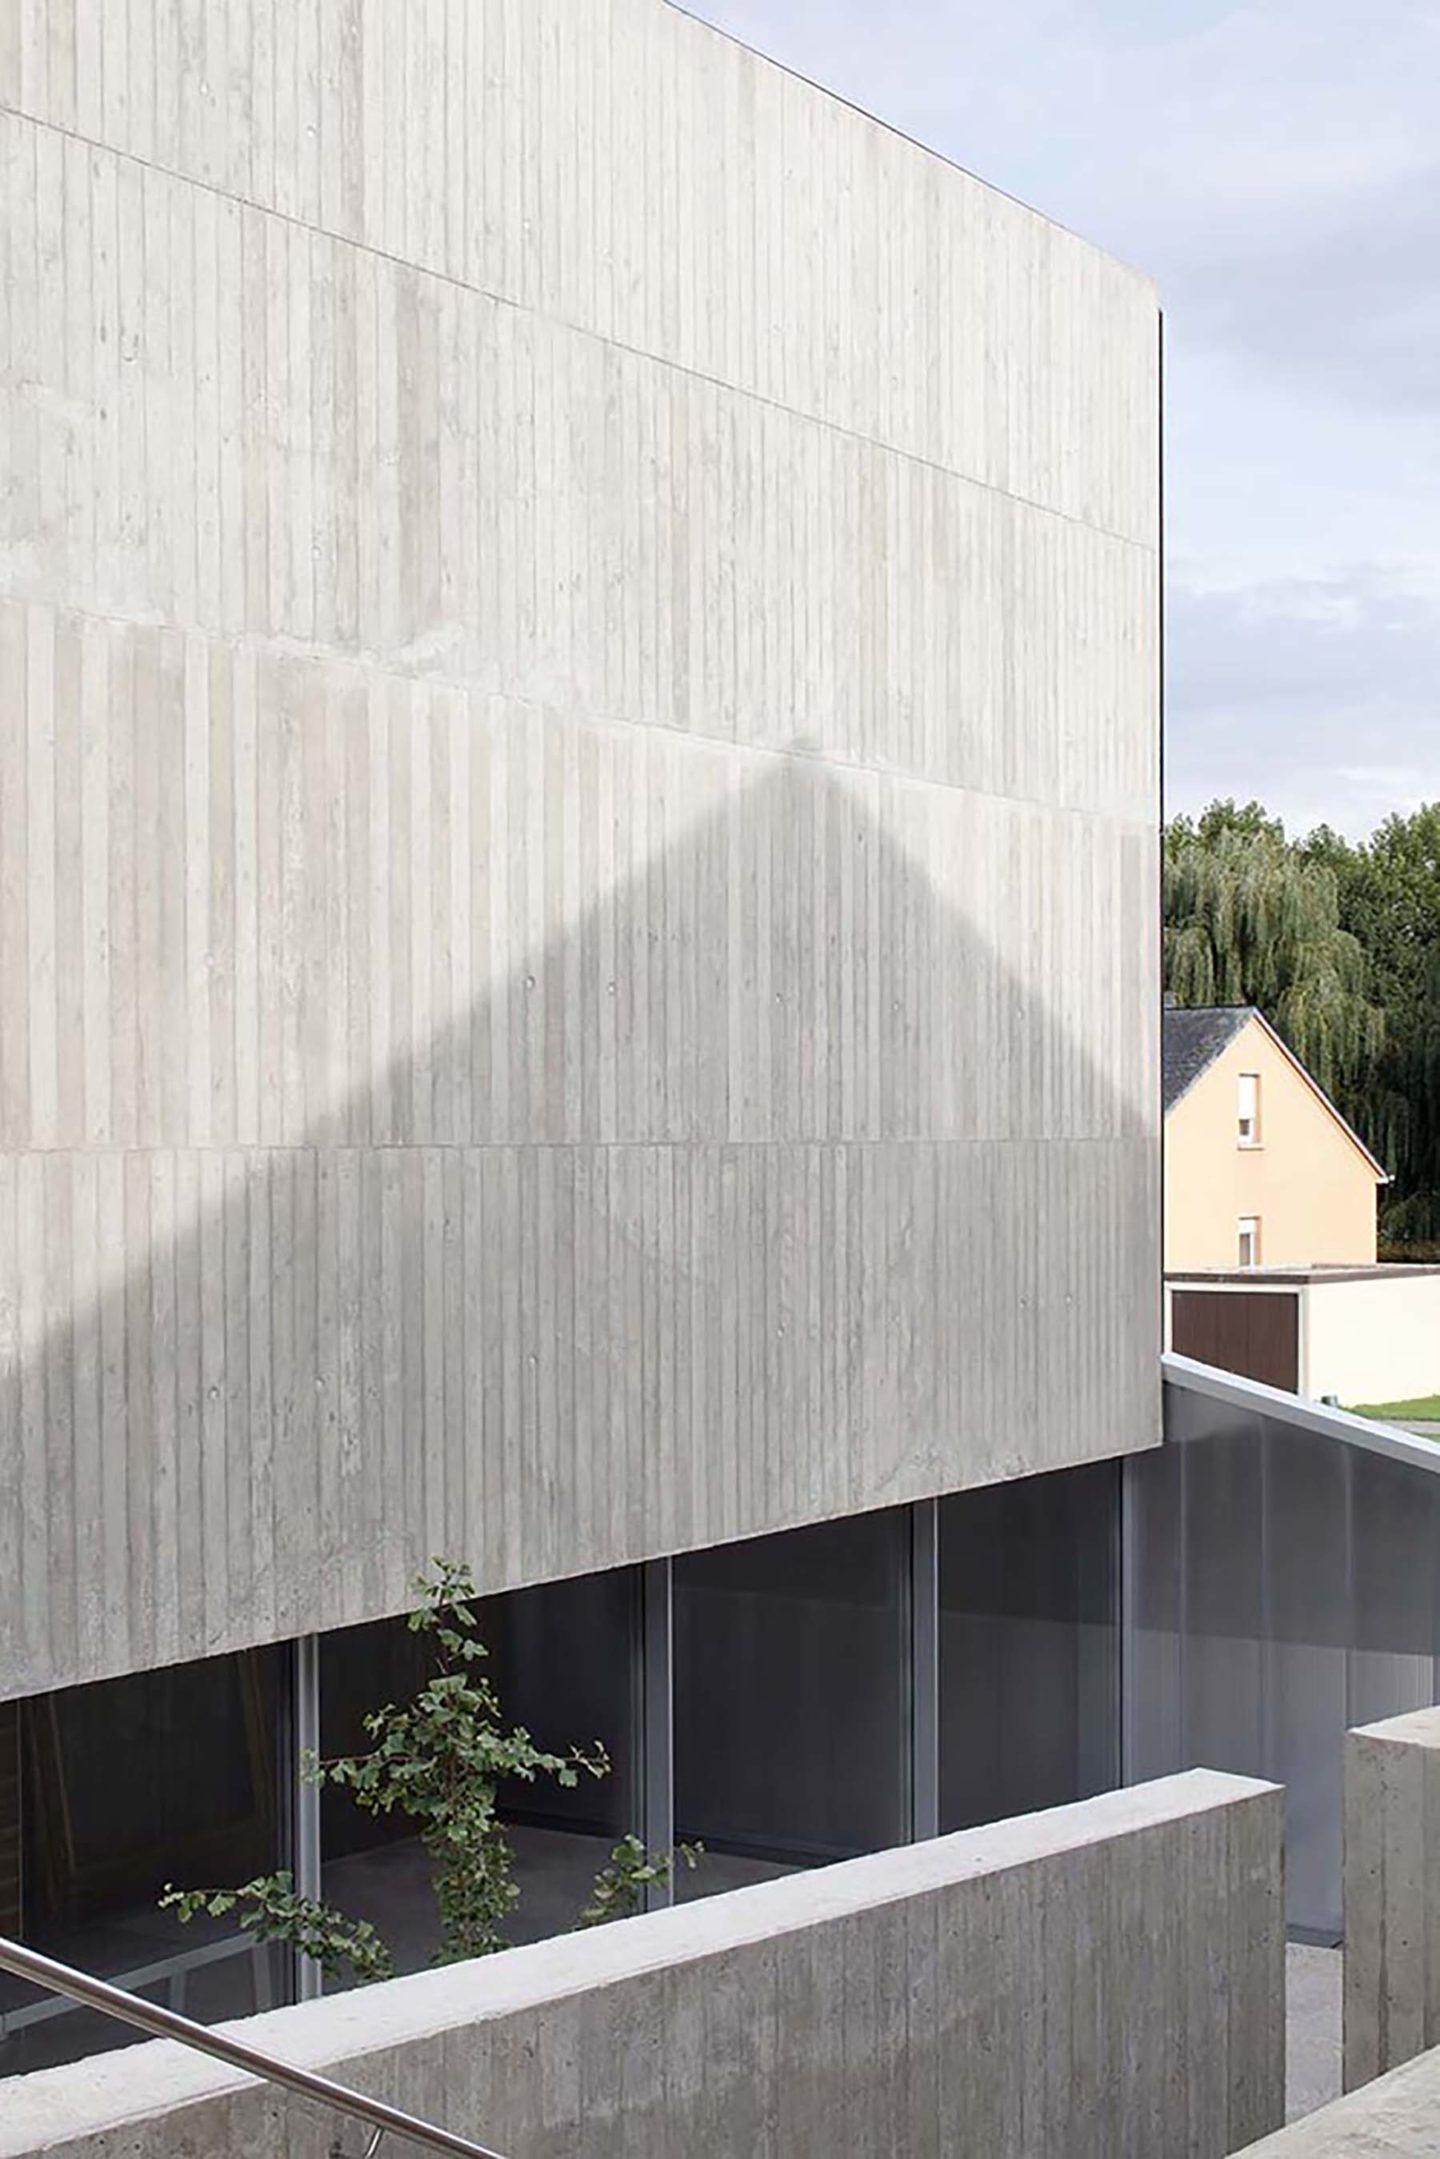 IGNANT-Architecture-2001-Hercule-17